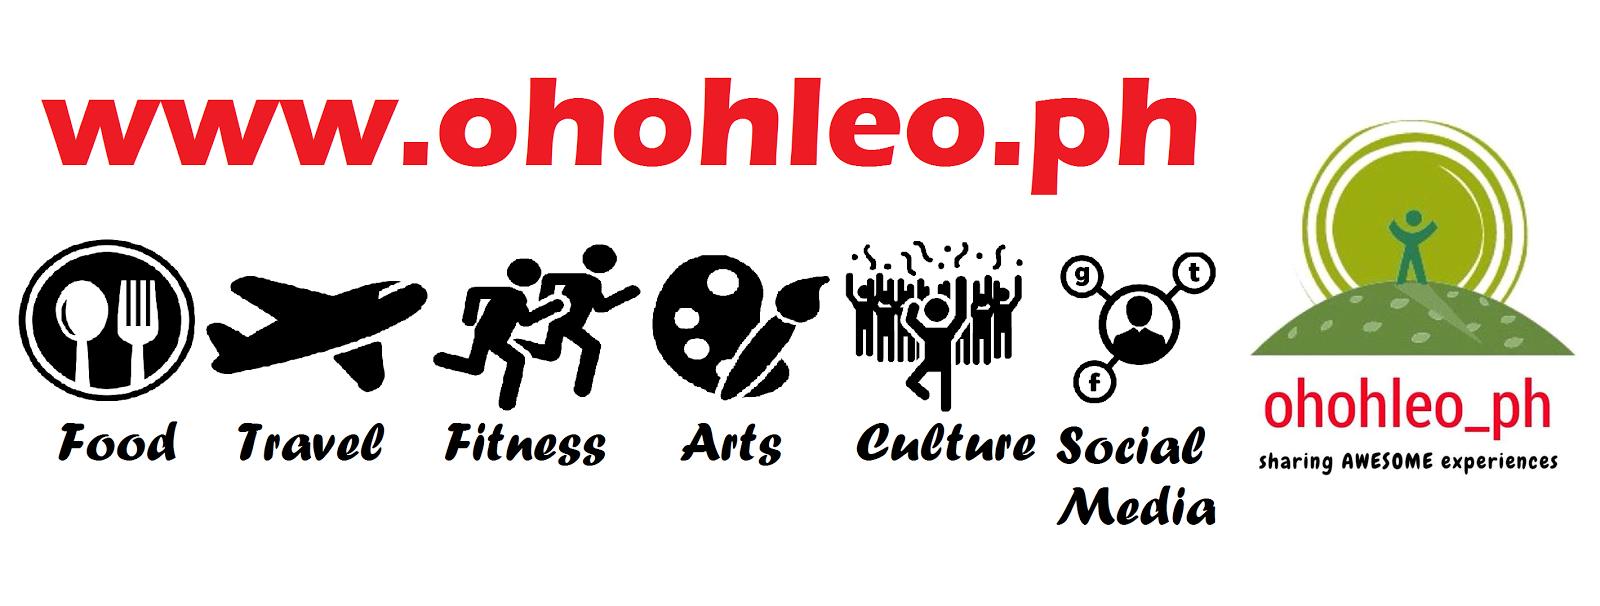 ohohleo_PH